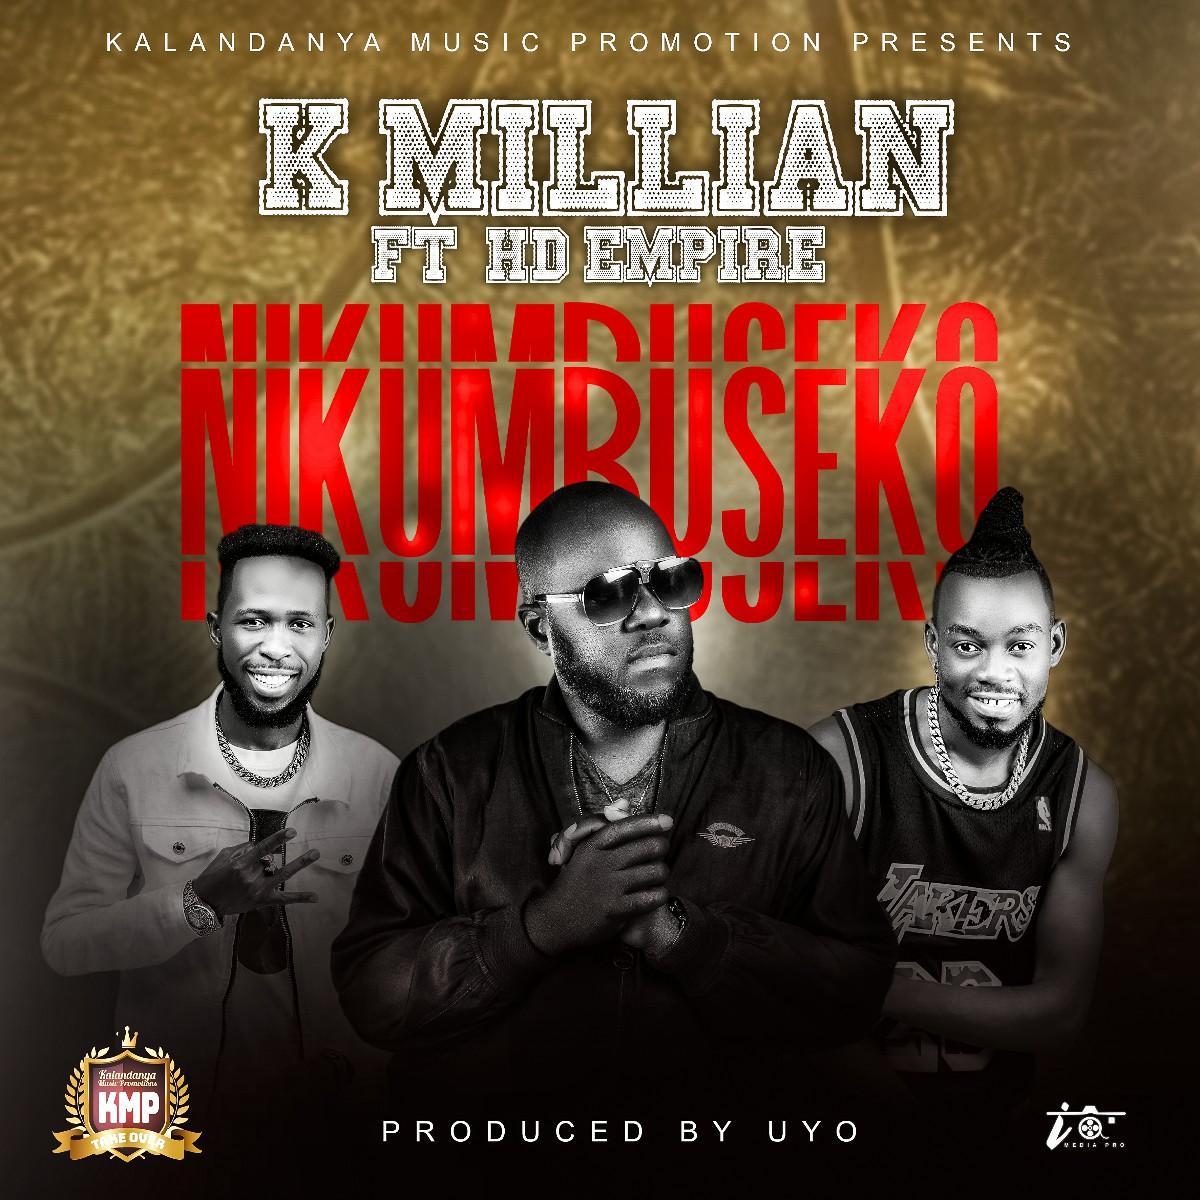 K'Millian ft. HD Empire - Nikumbuseko (Prod. Uyo)